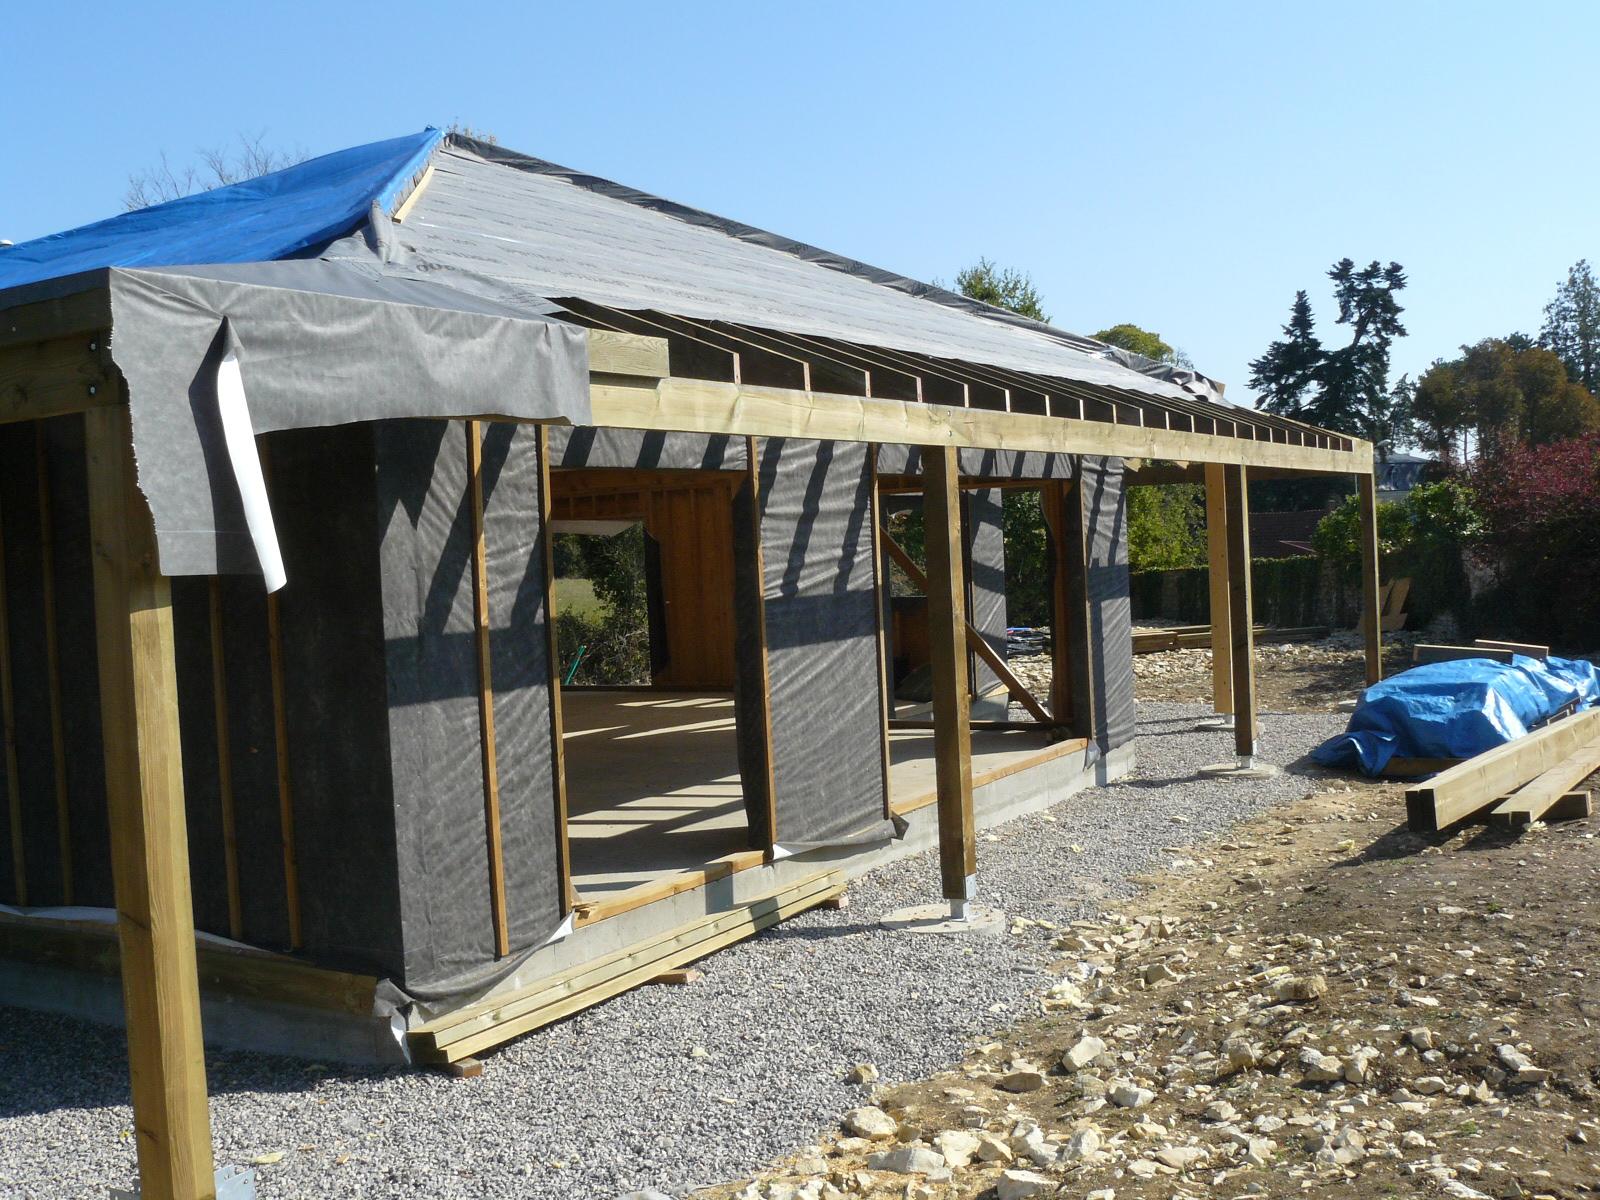 Fazele constructive ale unei case din lemn la cheie NATURAL LIVING - Poza 64